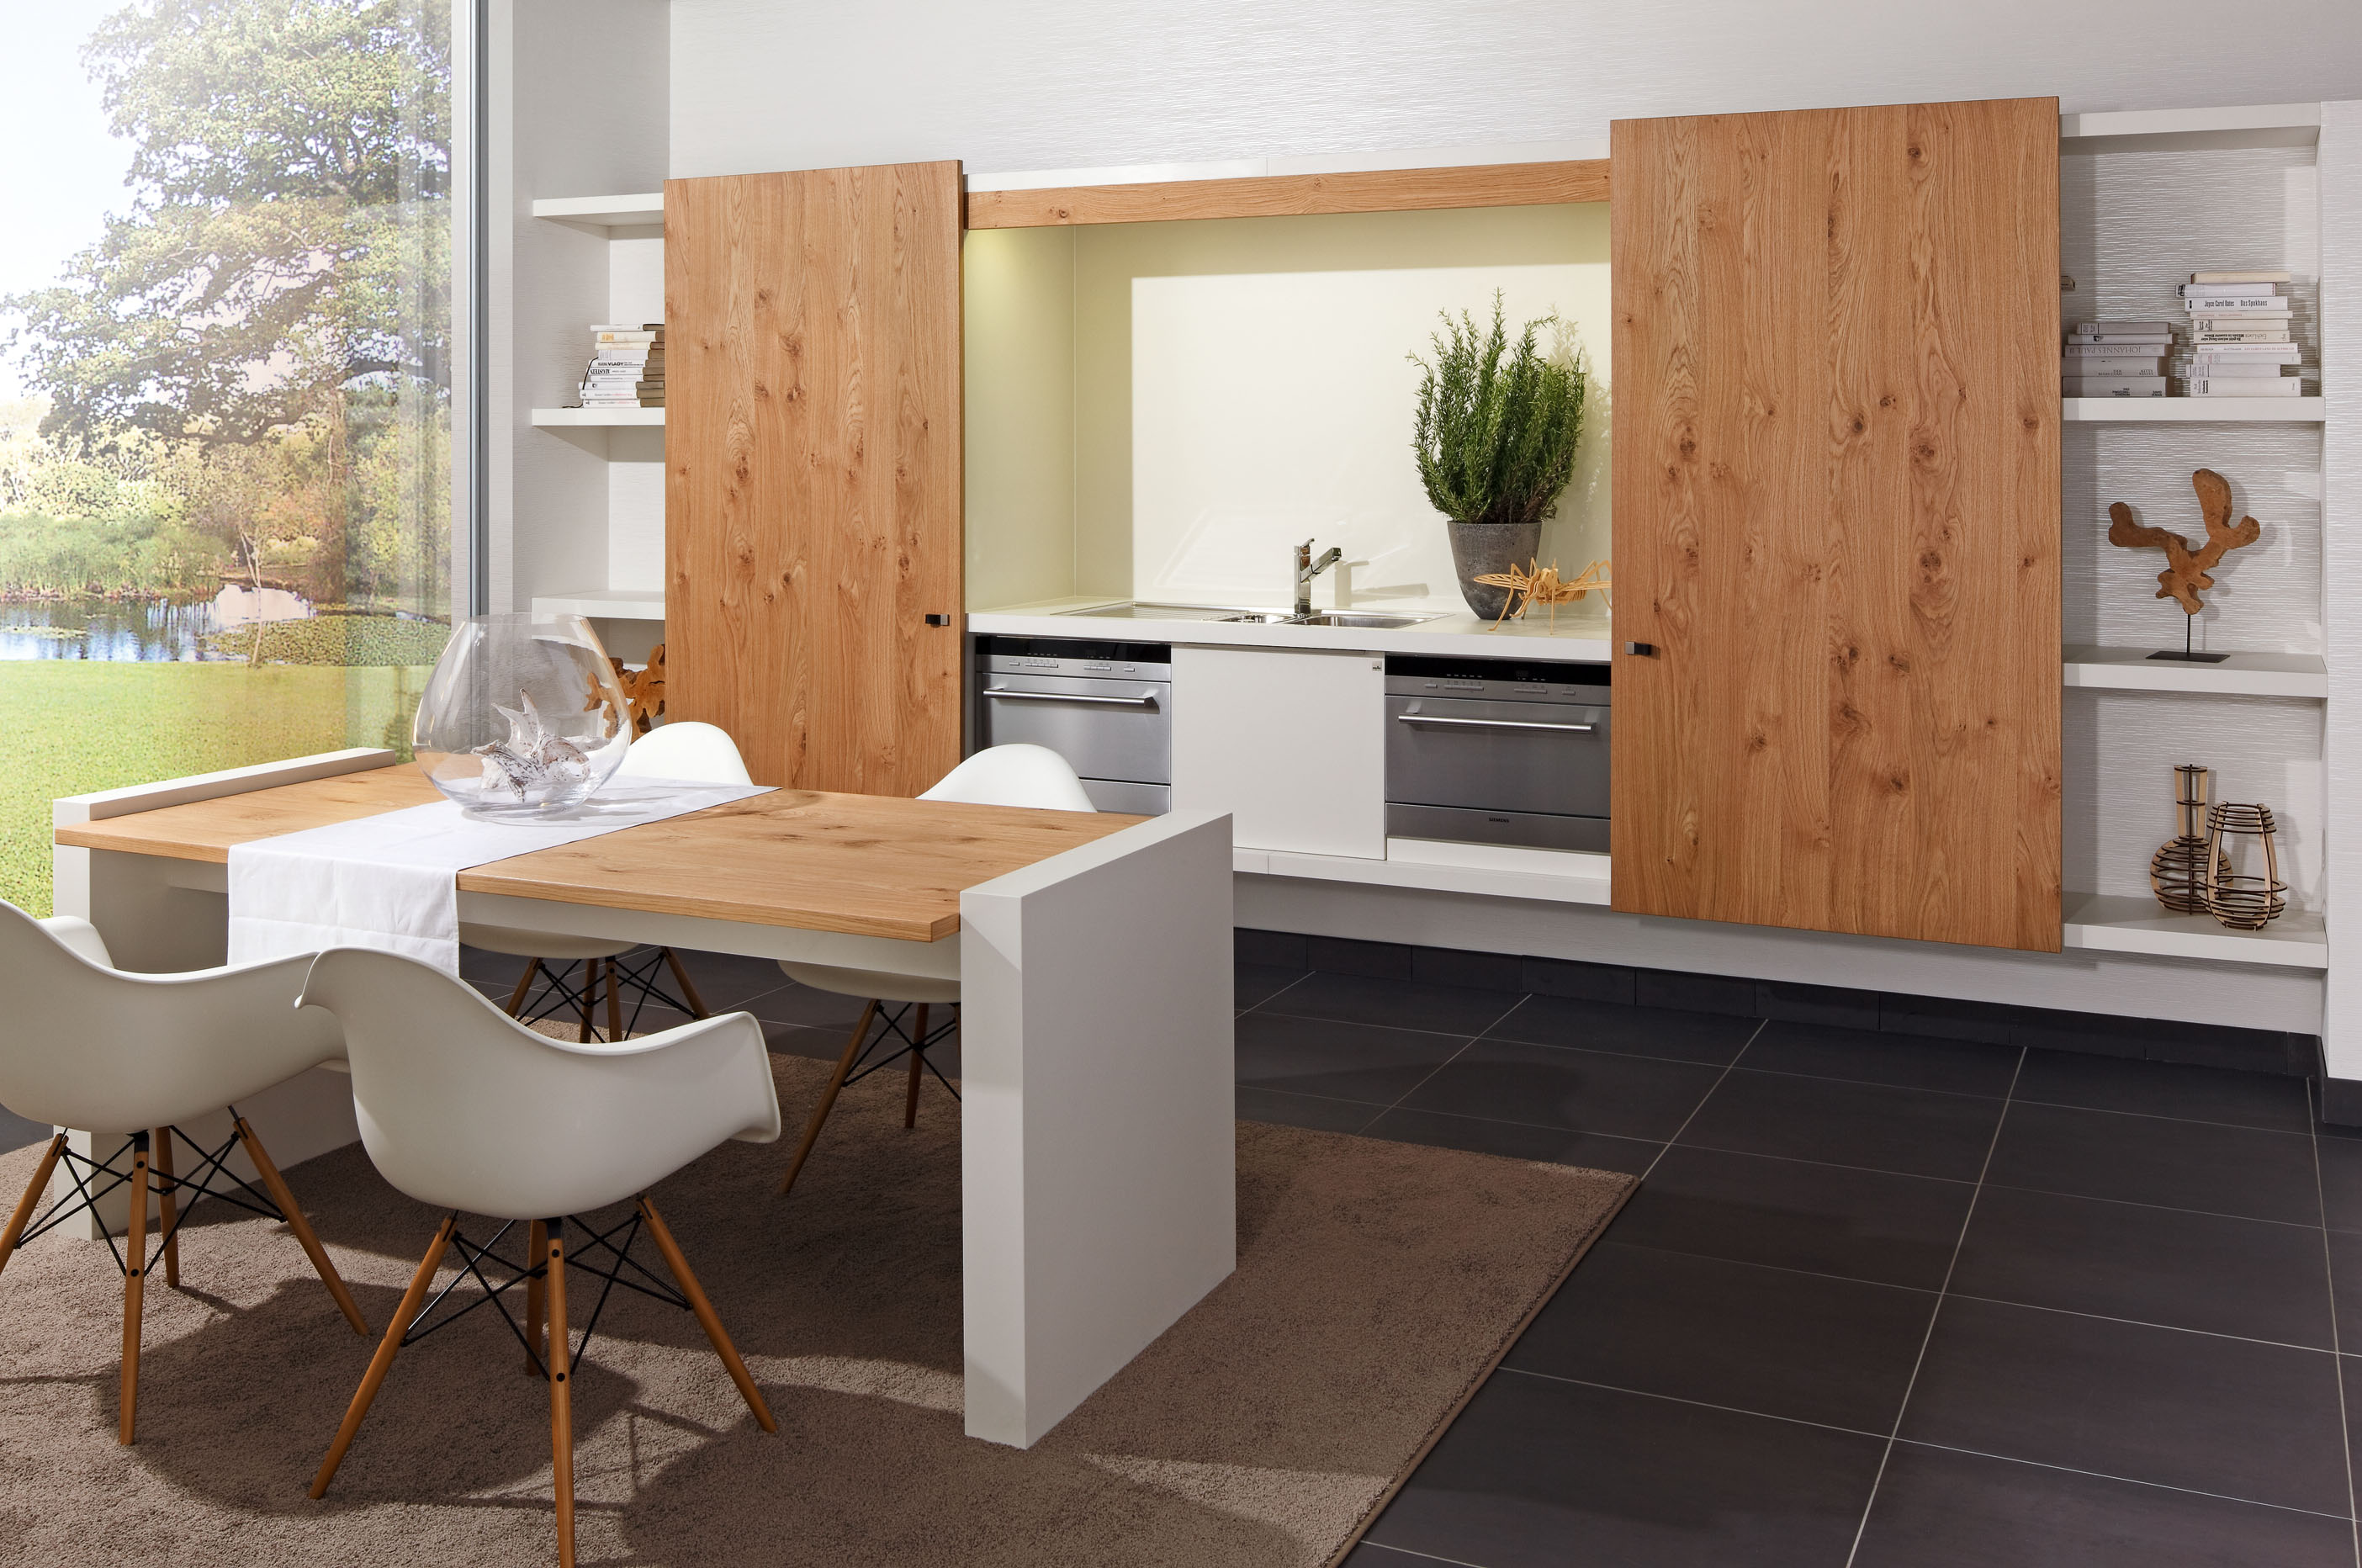 Pantry Keuken Ikea : van Zeyko – Nieuws Startpagina voor keuken idee?n UW-keuken.nl